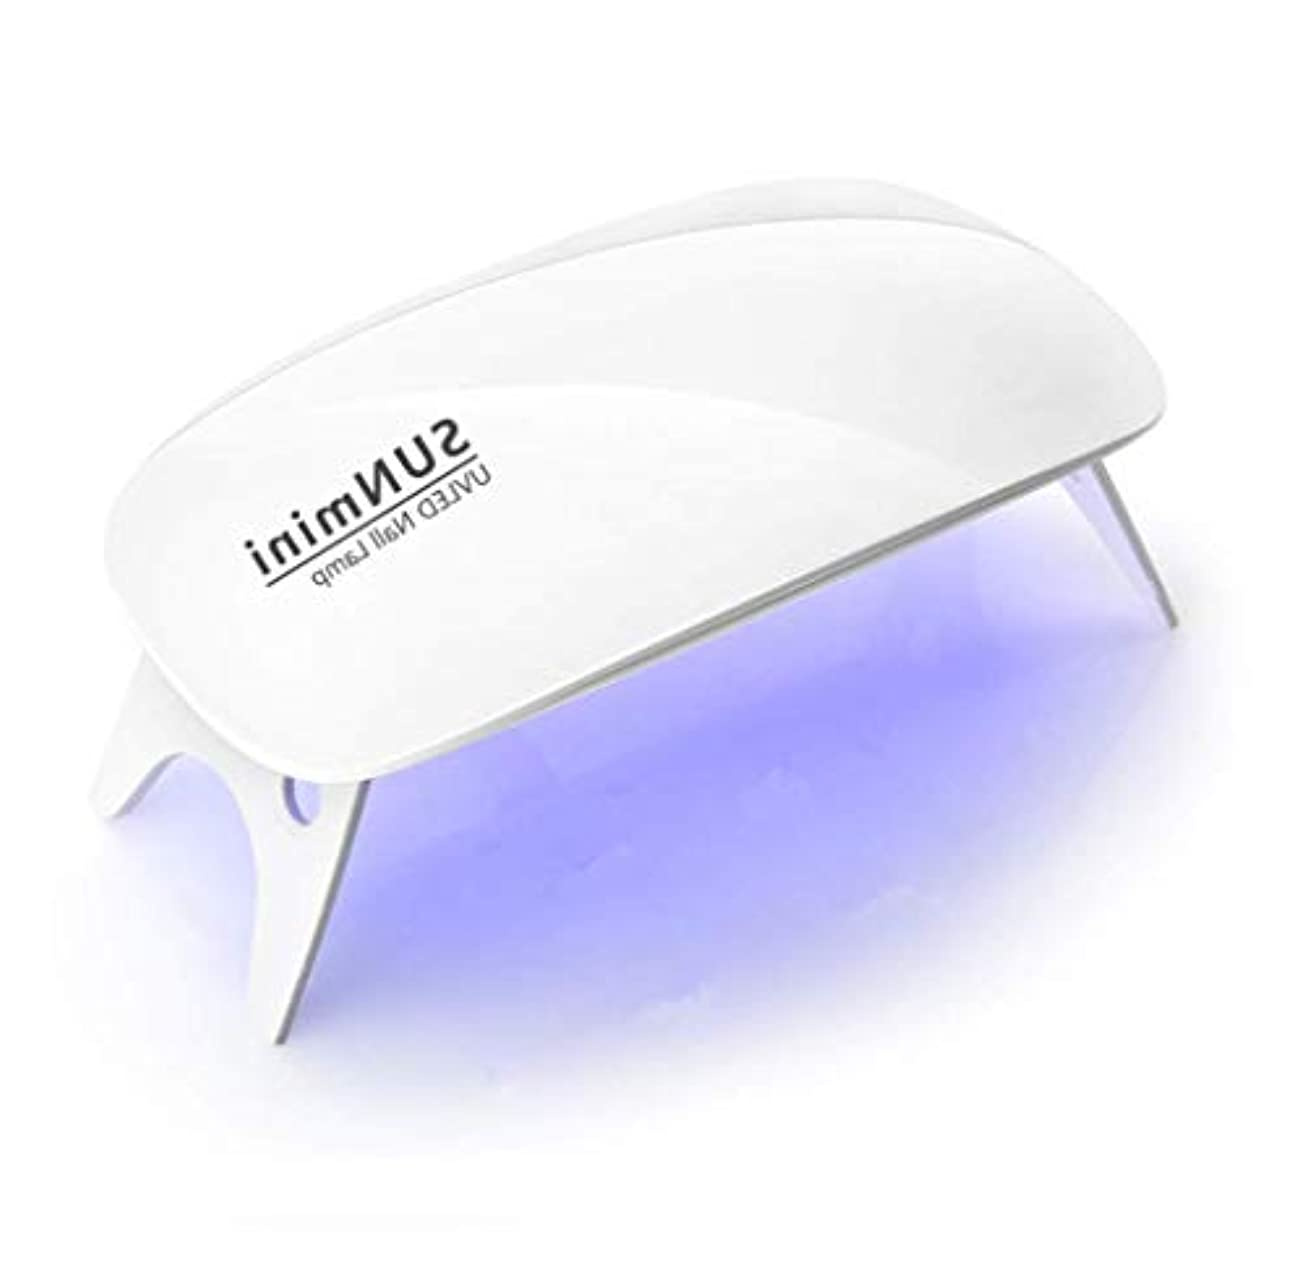 曲疑い者すぐにLEDネイルドライヤー UV とLEDダブルライト ジェルネイル用 ホワイト UVライト 折りたたみ式 設定可能 タイマー ジェルネイル LED 硬化ライト ホワイト